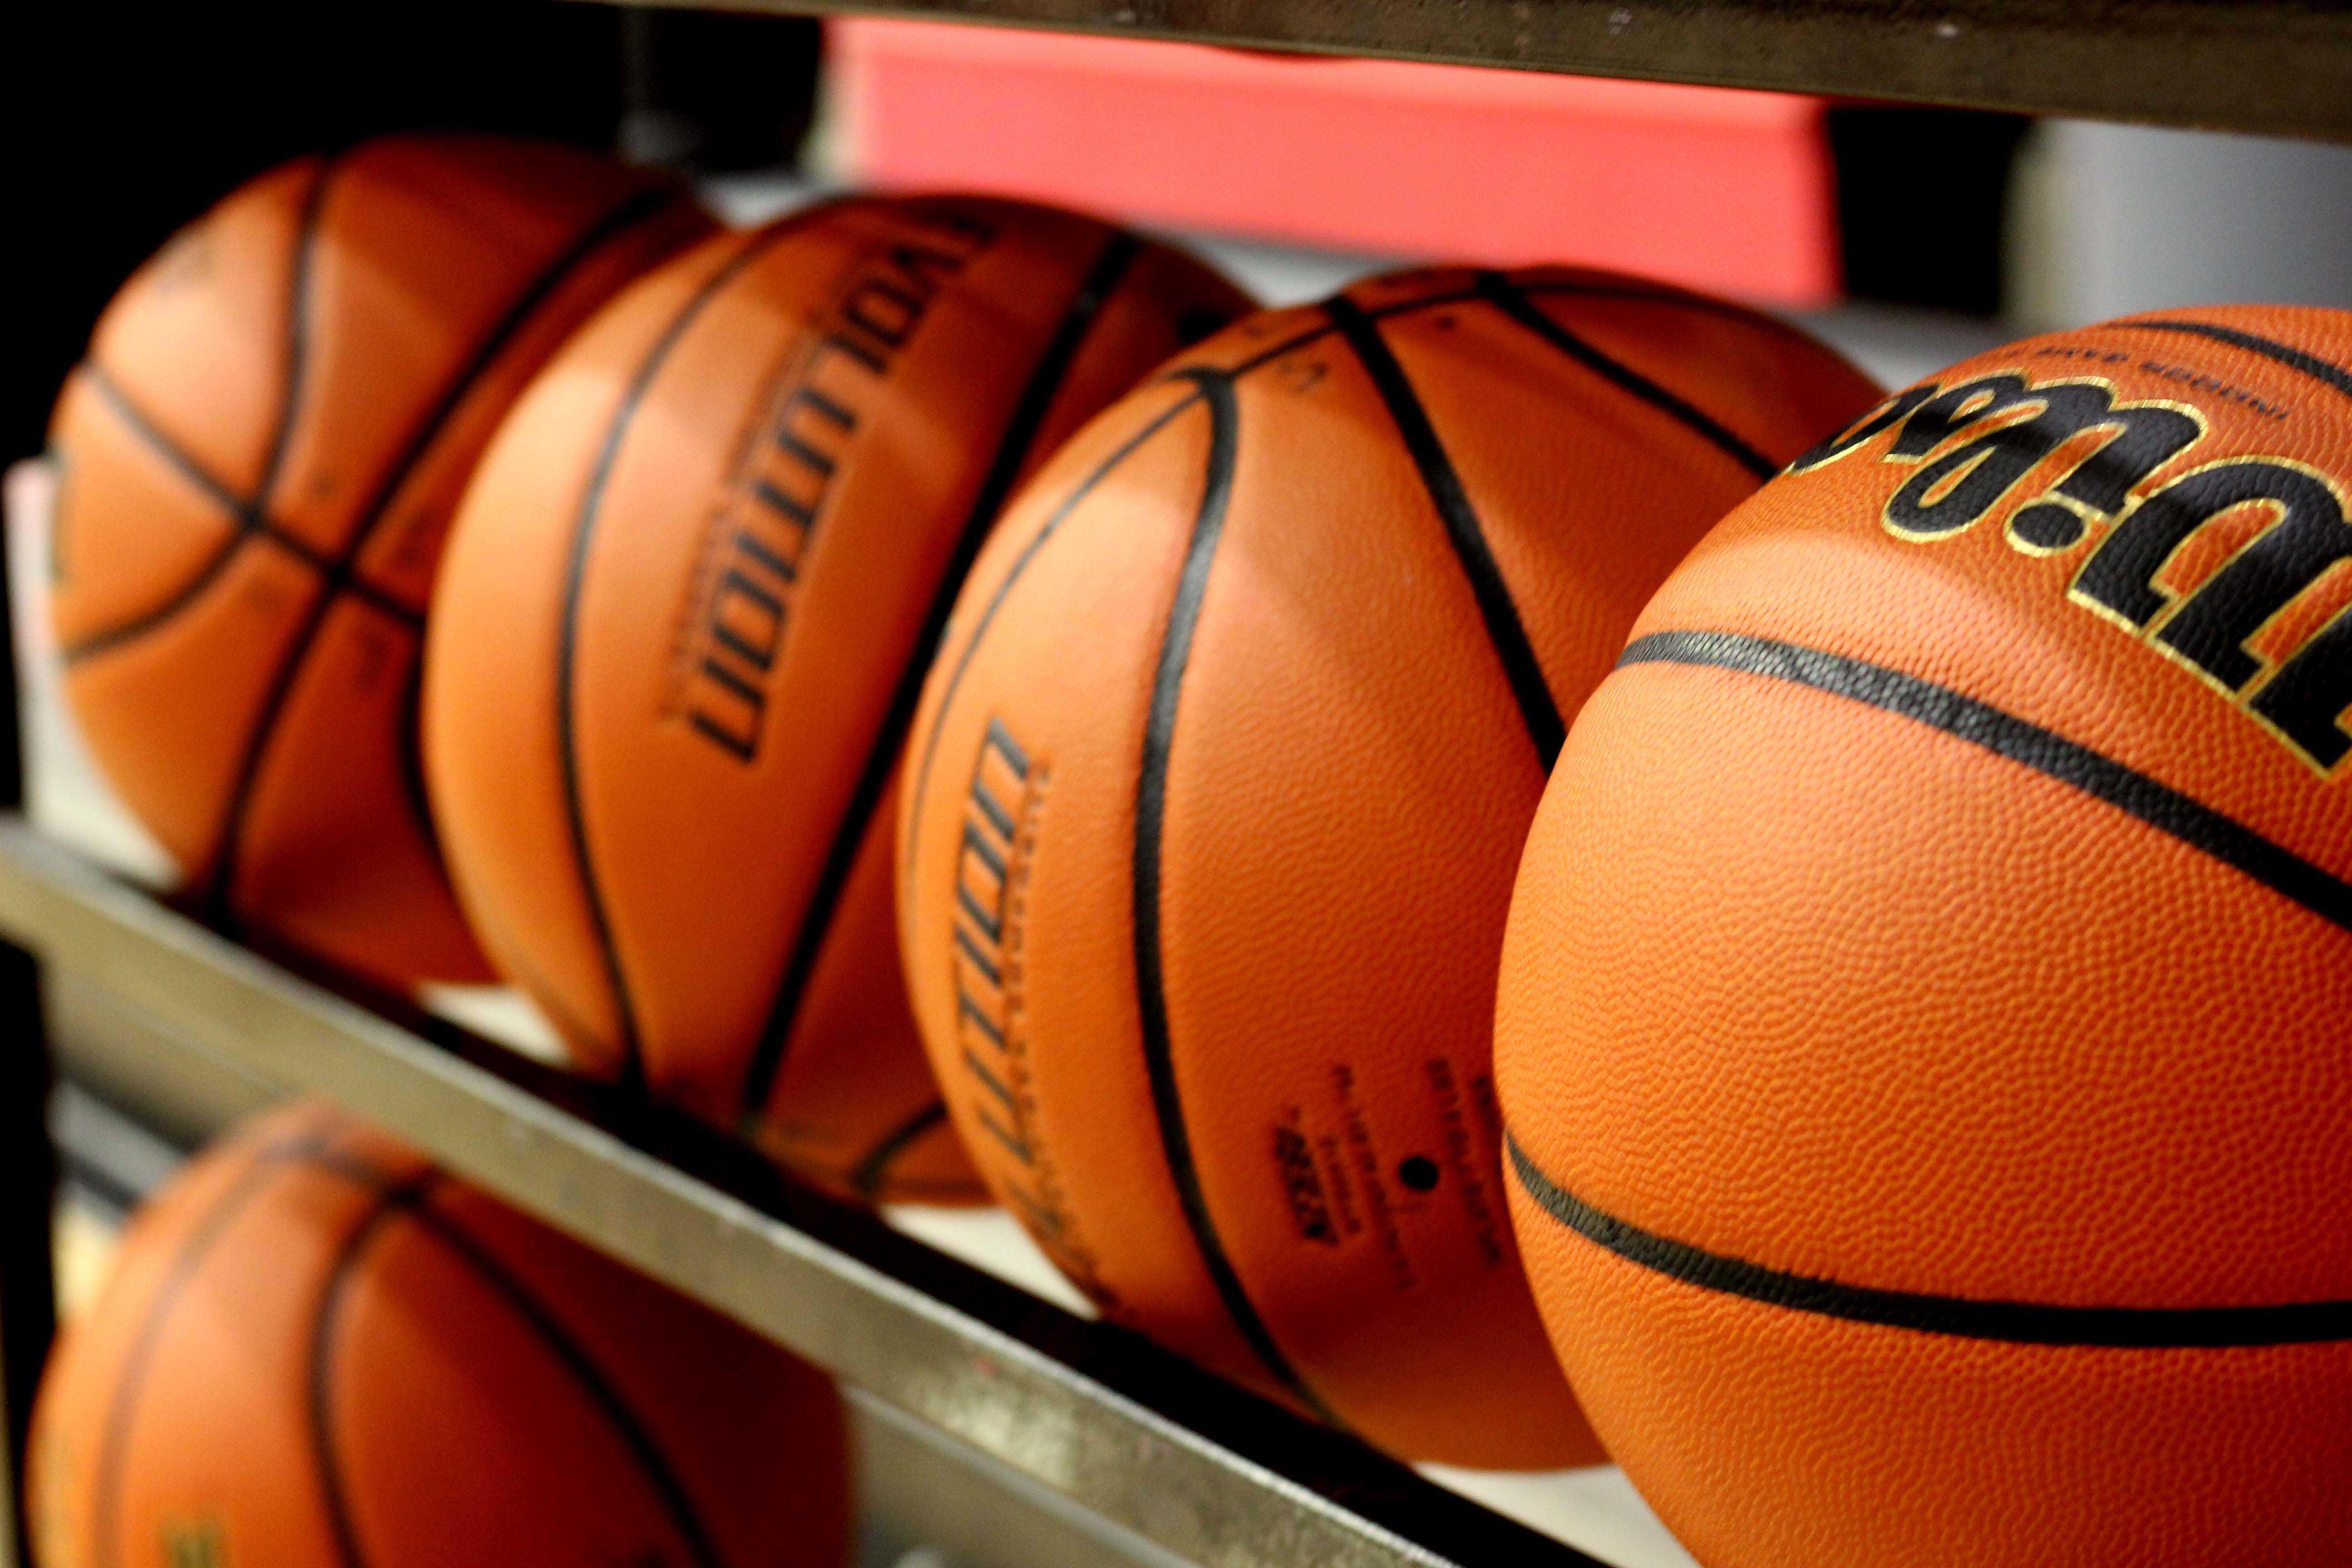 The 2015-2016 basketball season kicks off tonight against Rockwall at 6:15 p.m. at home.